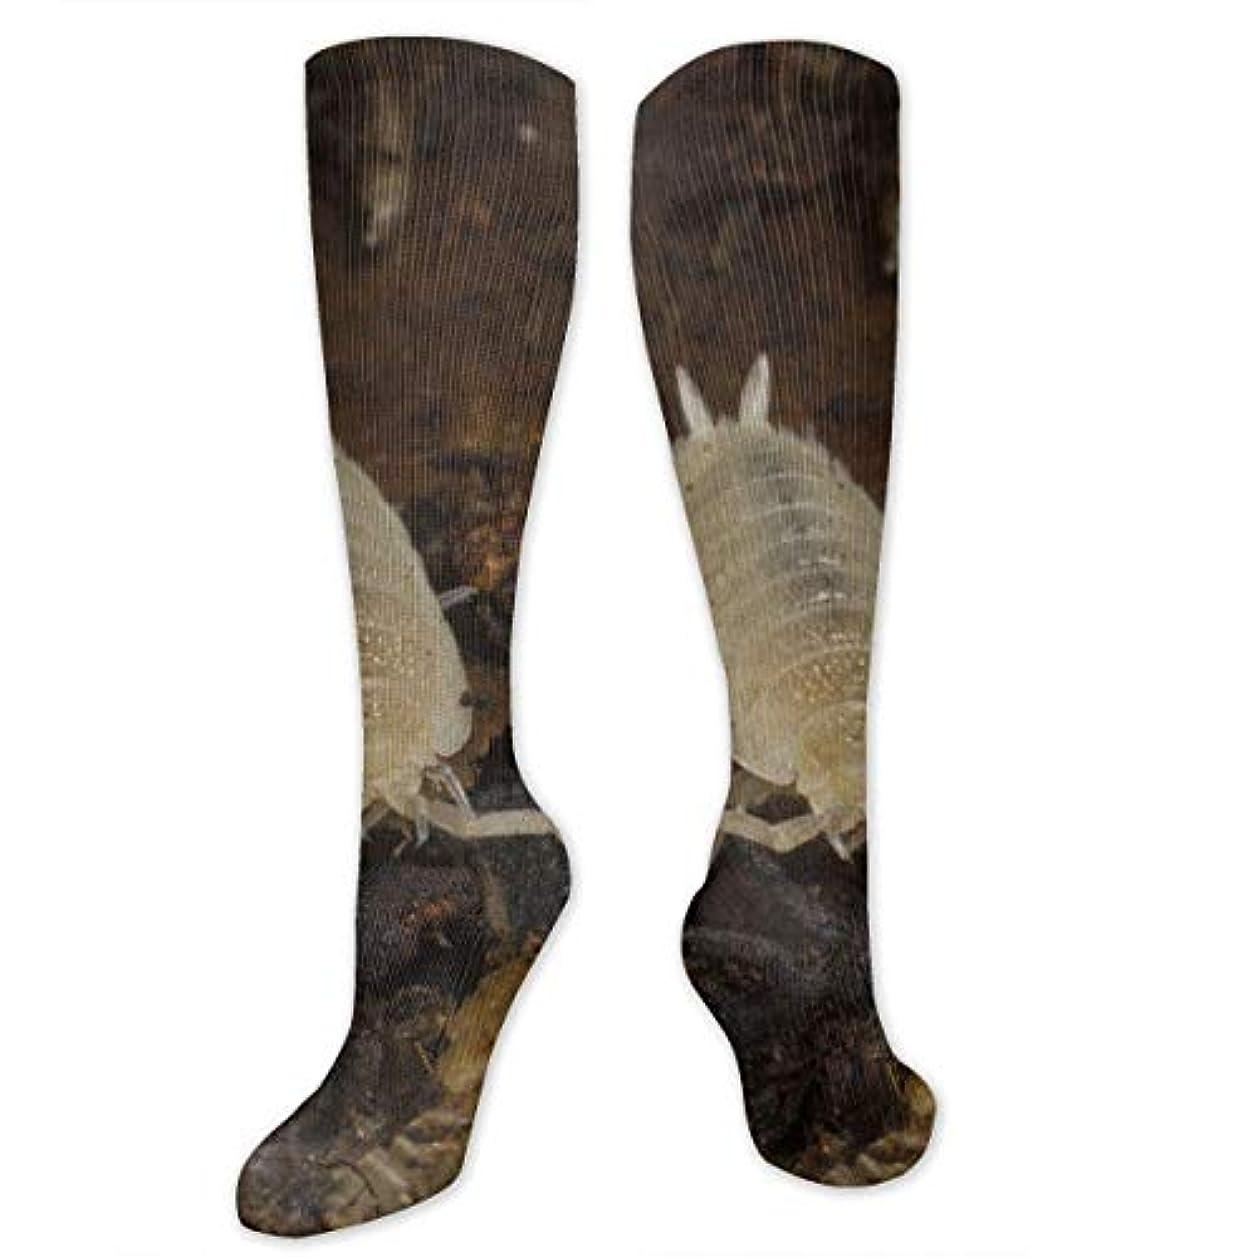 漁師帝国主義シャイクリスマスの靴下ファニー南Chaetiliidノンスリップ家庭の床の靴下冬居心地の良いスリッパソックス